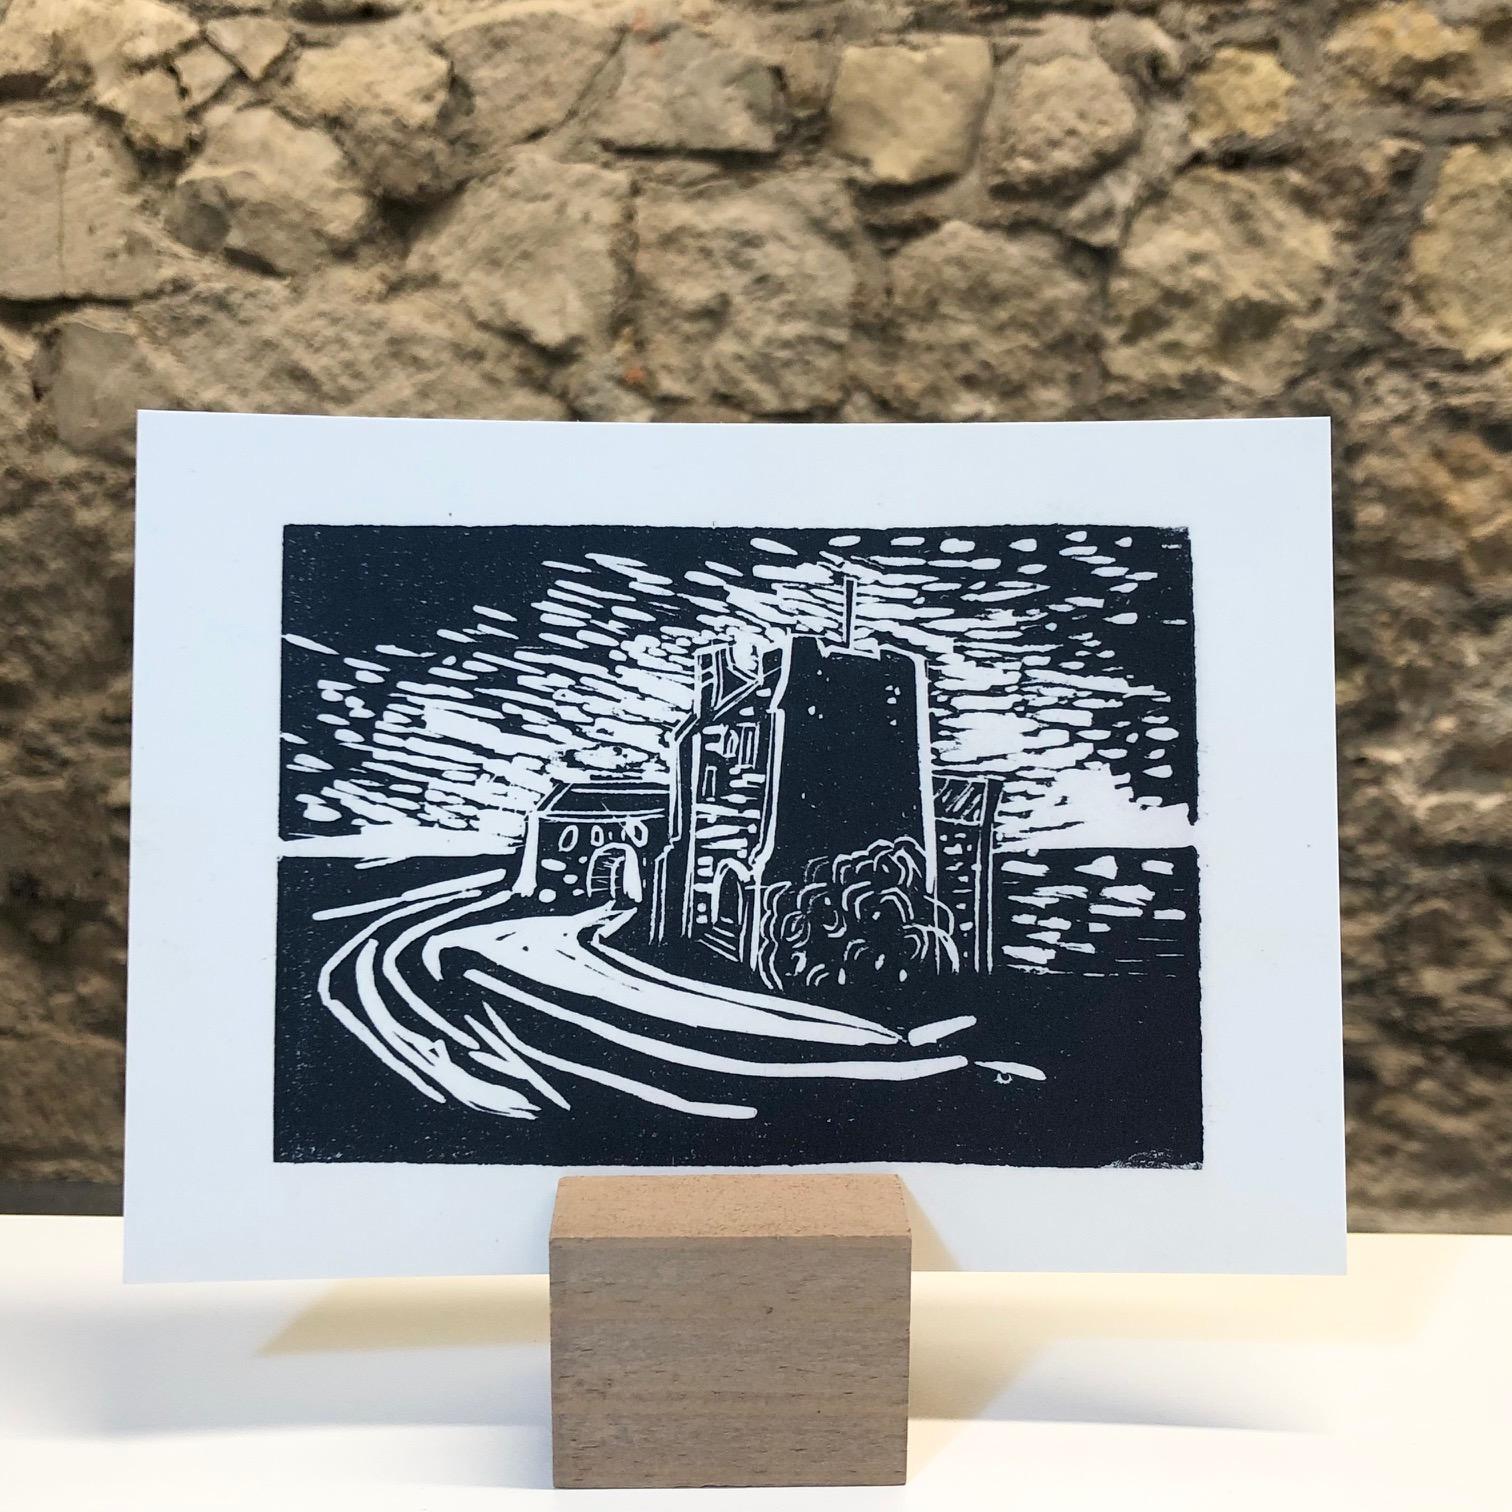 GHT Hand-printed Postcard by Deborah Gearing